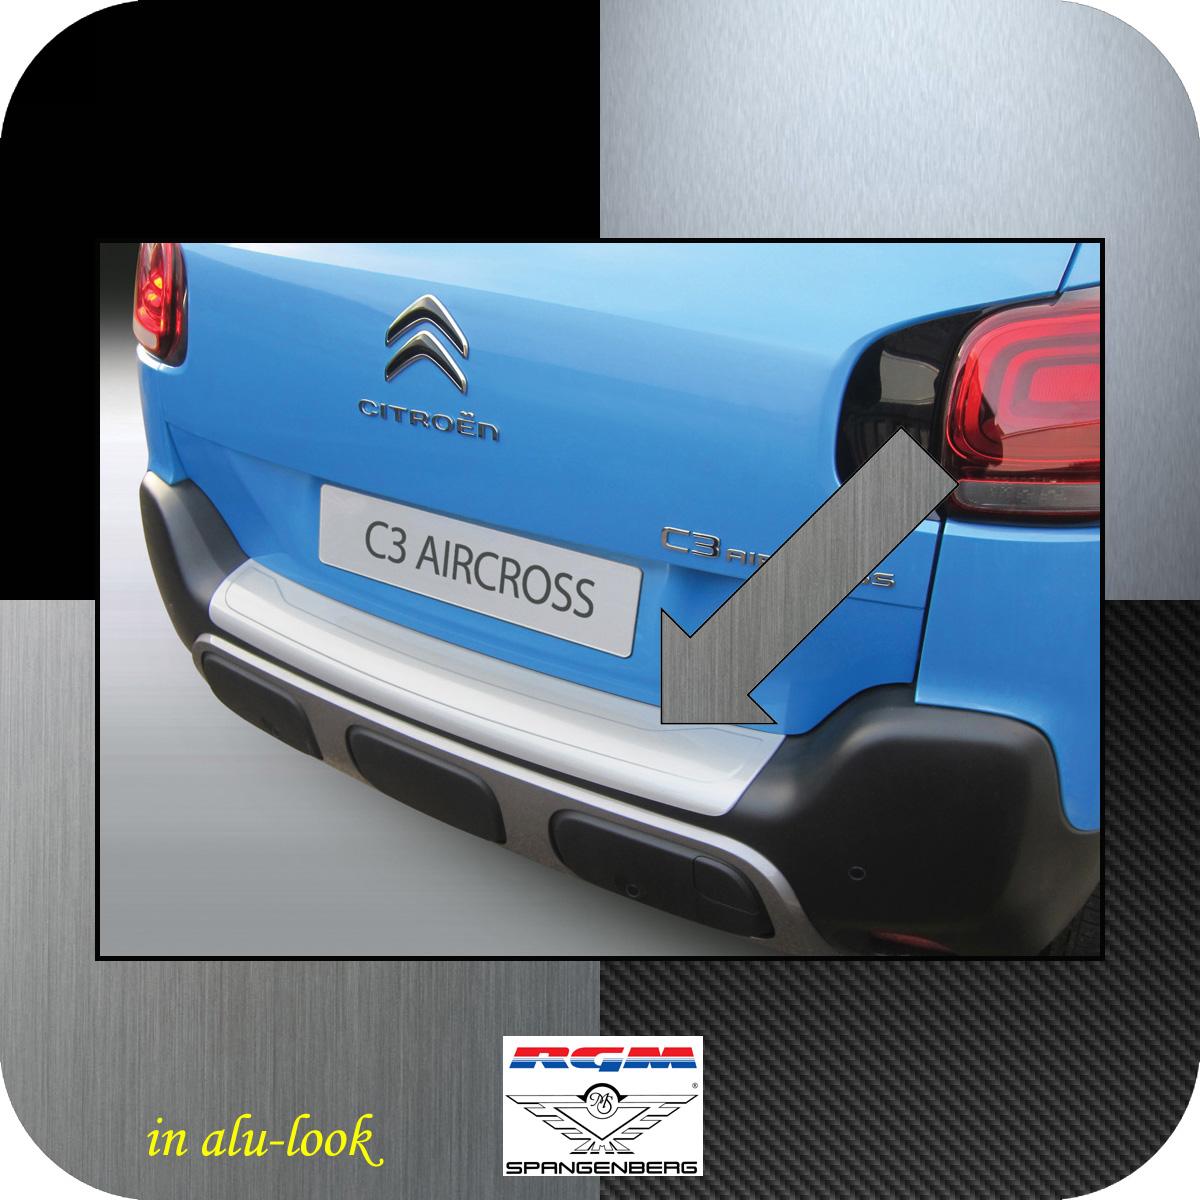 Ladekantenschutz Alu-Look Citroen C3 Aircross ab Baujahr 11.2017- 3504629